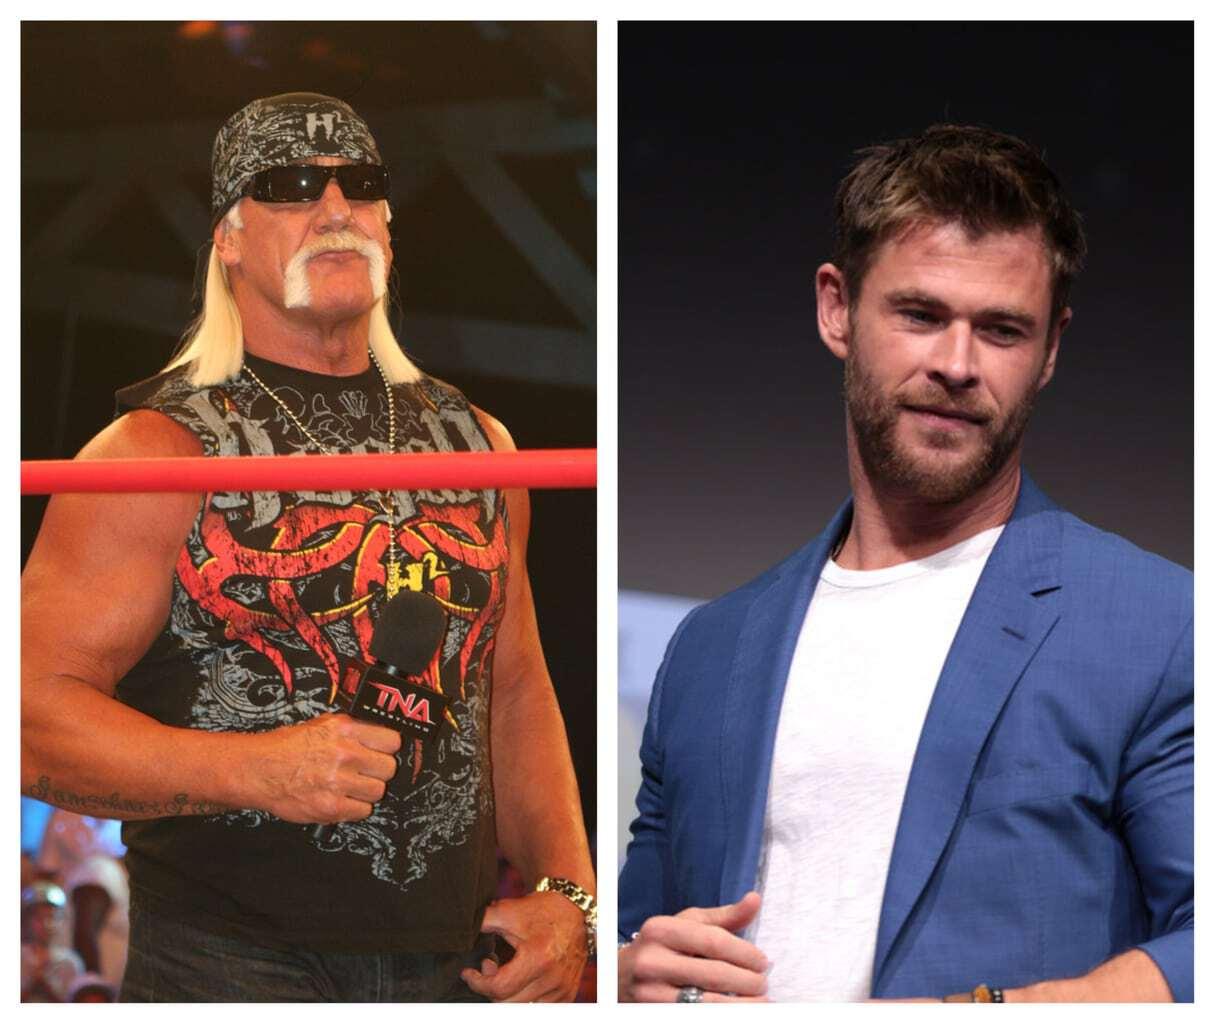 Netflix's new Hulk Hogan biopic to star Chris Hemsworth